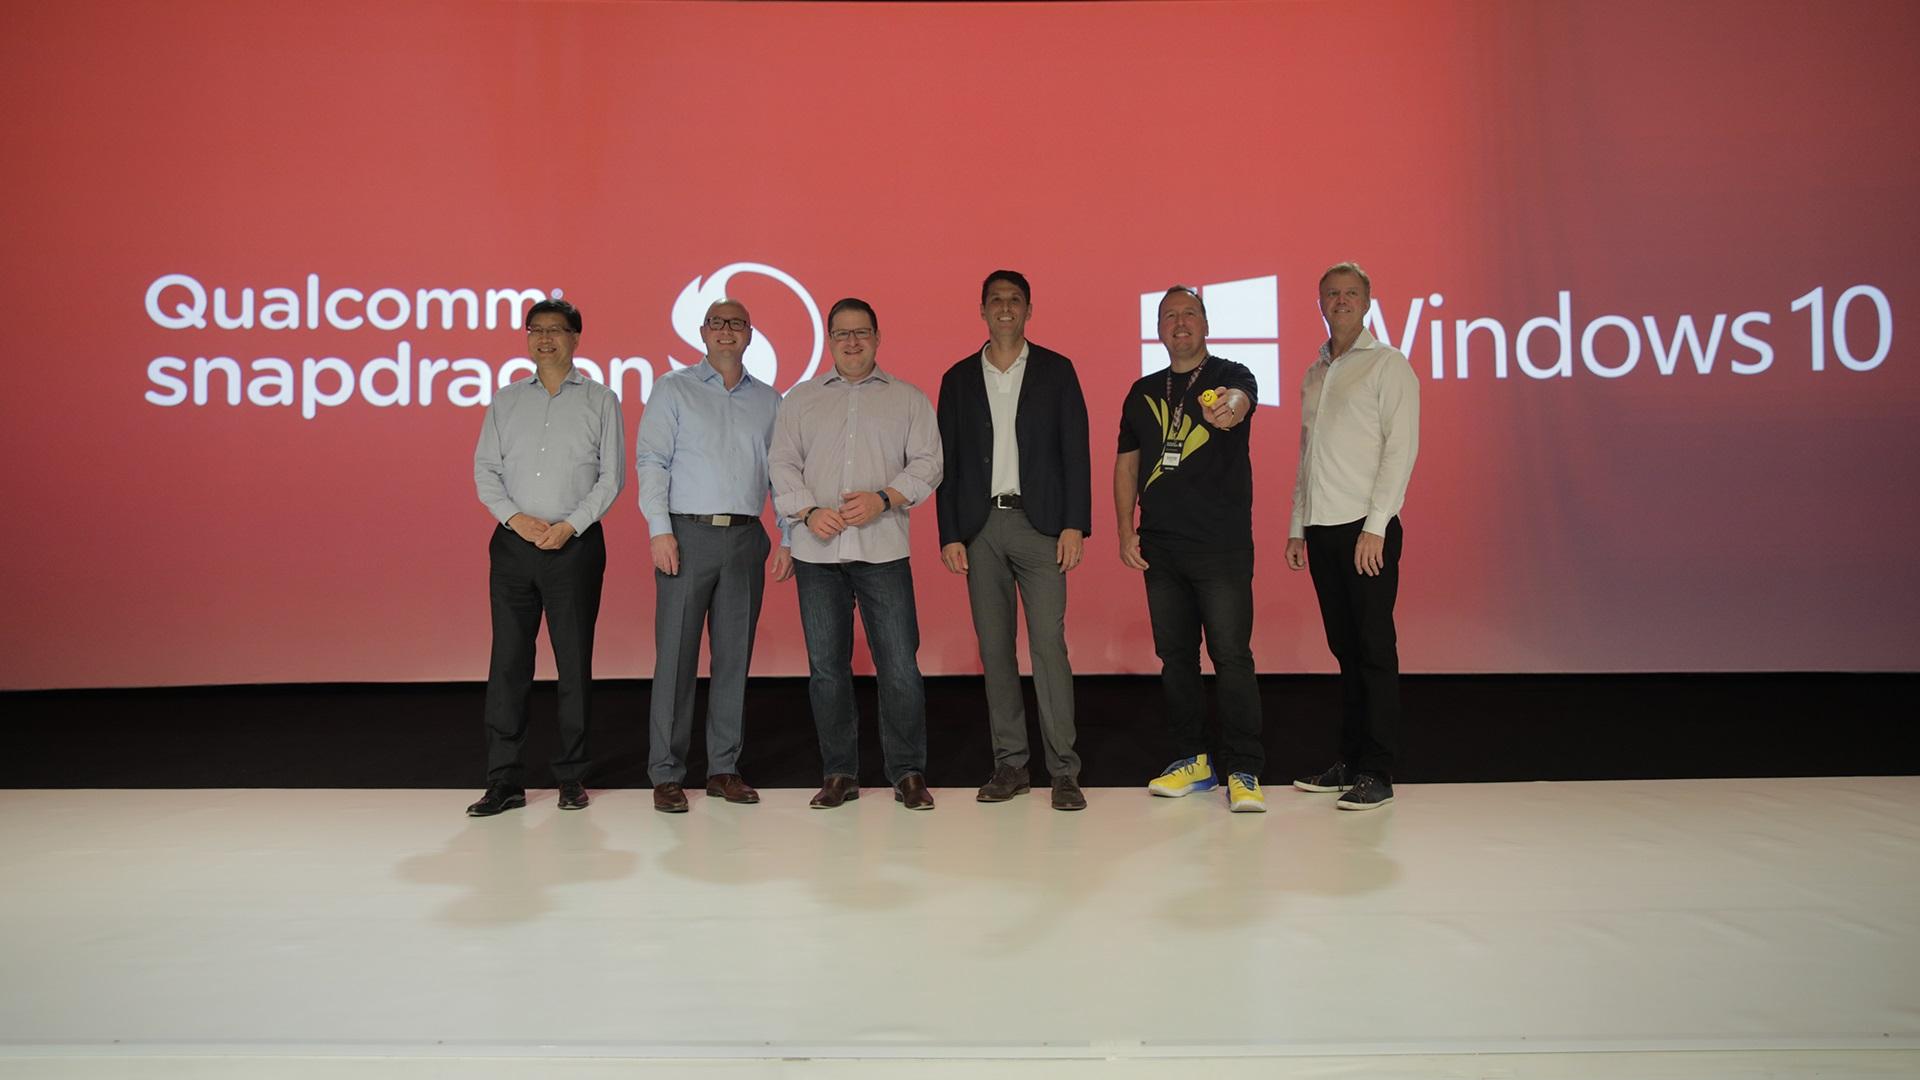 高通举办第二届骁龙技术峰会 发布骁龙845移动平台